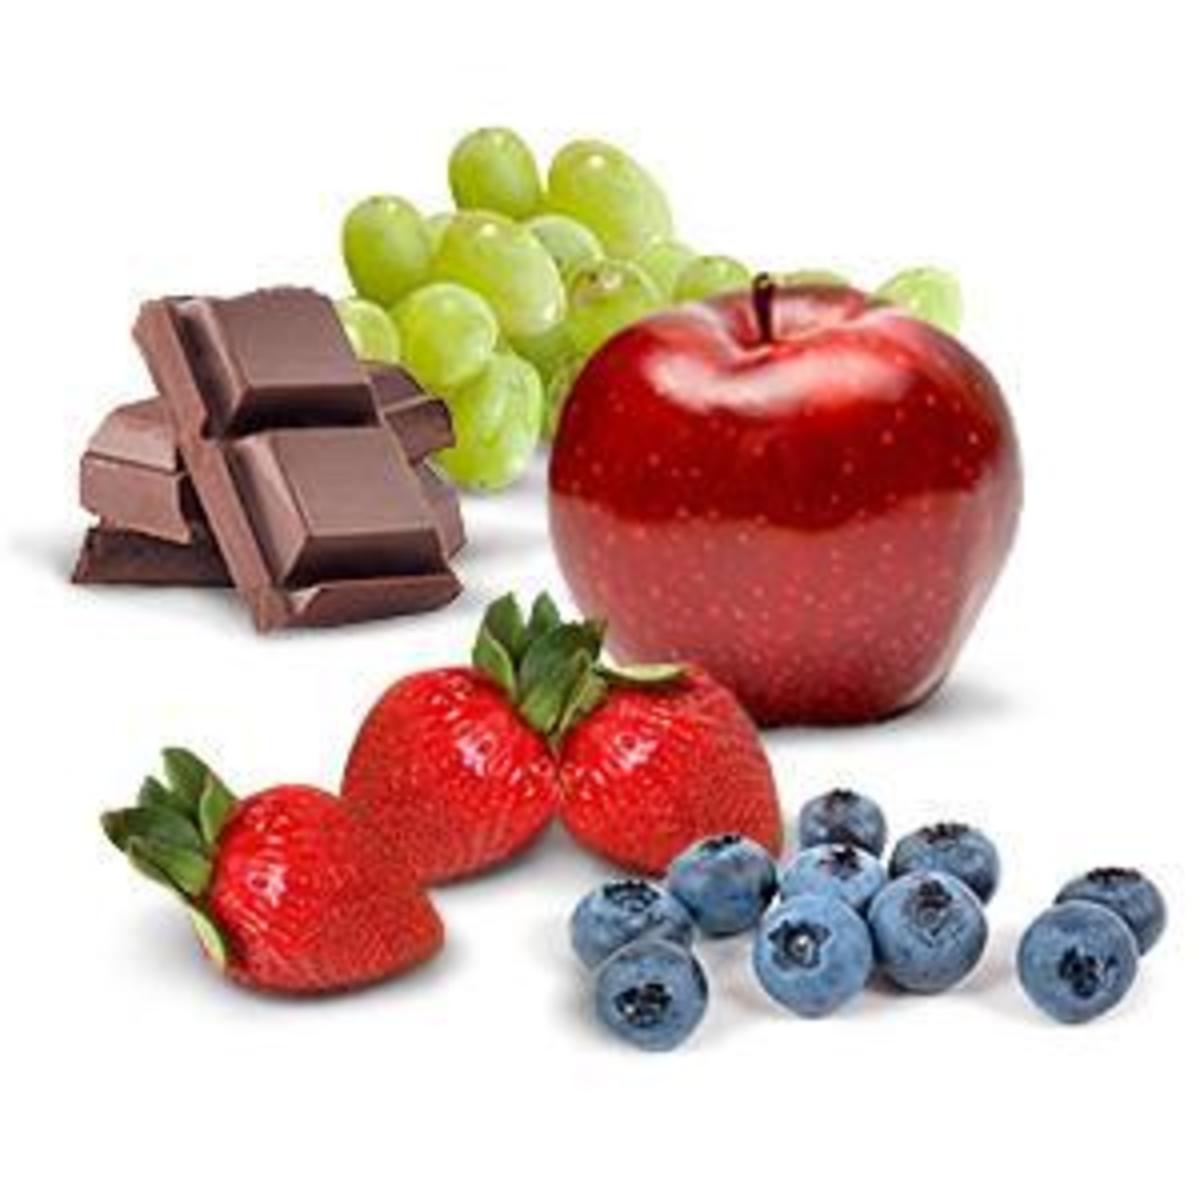 Fruits make wonderful garnishes